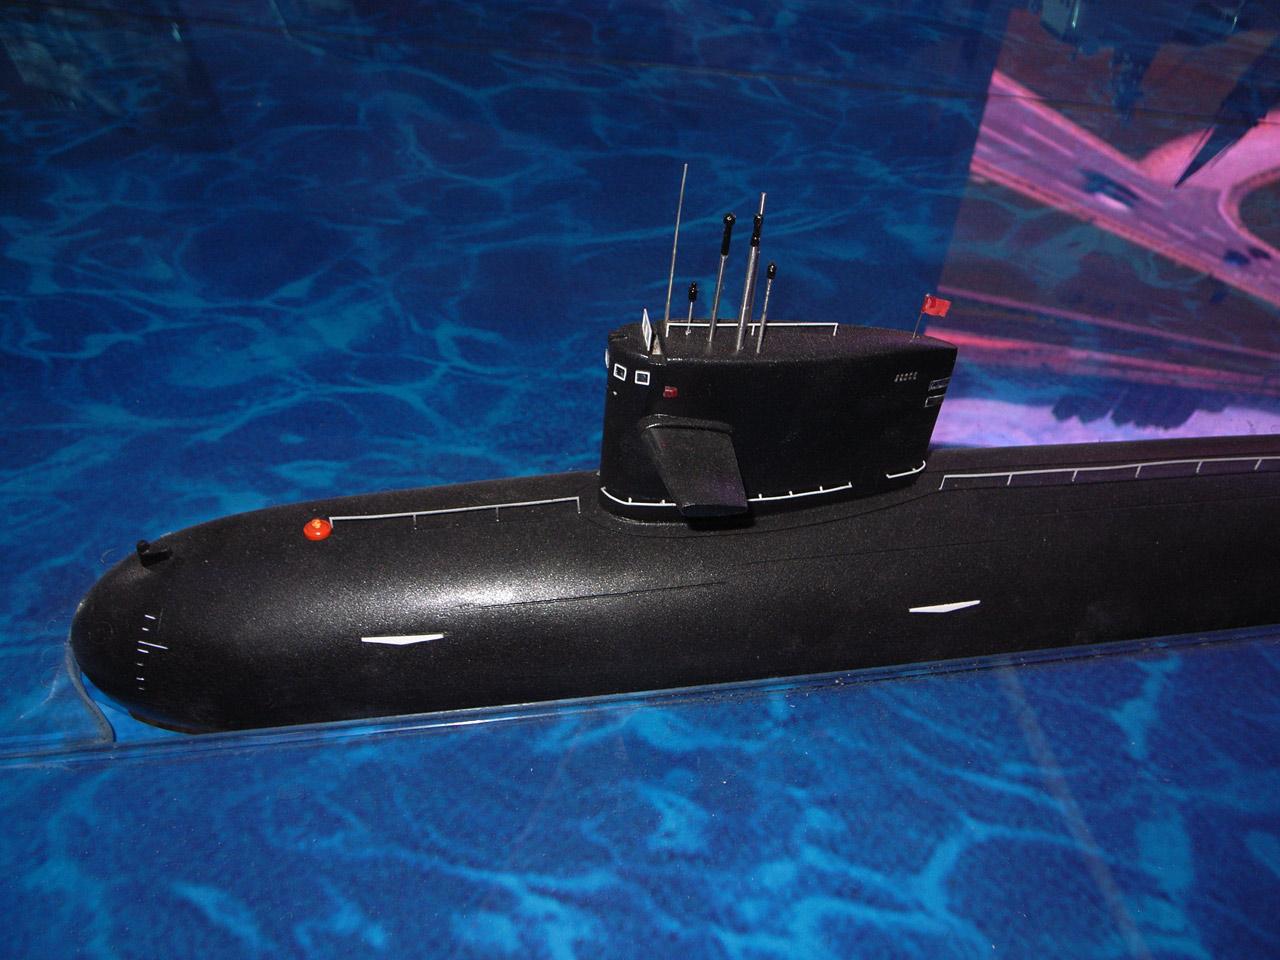 惊鸿一现 中国海军新型核子攻击潜艇091 III深度分析